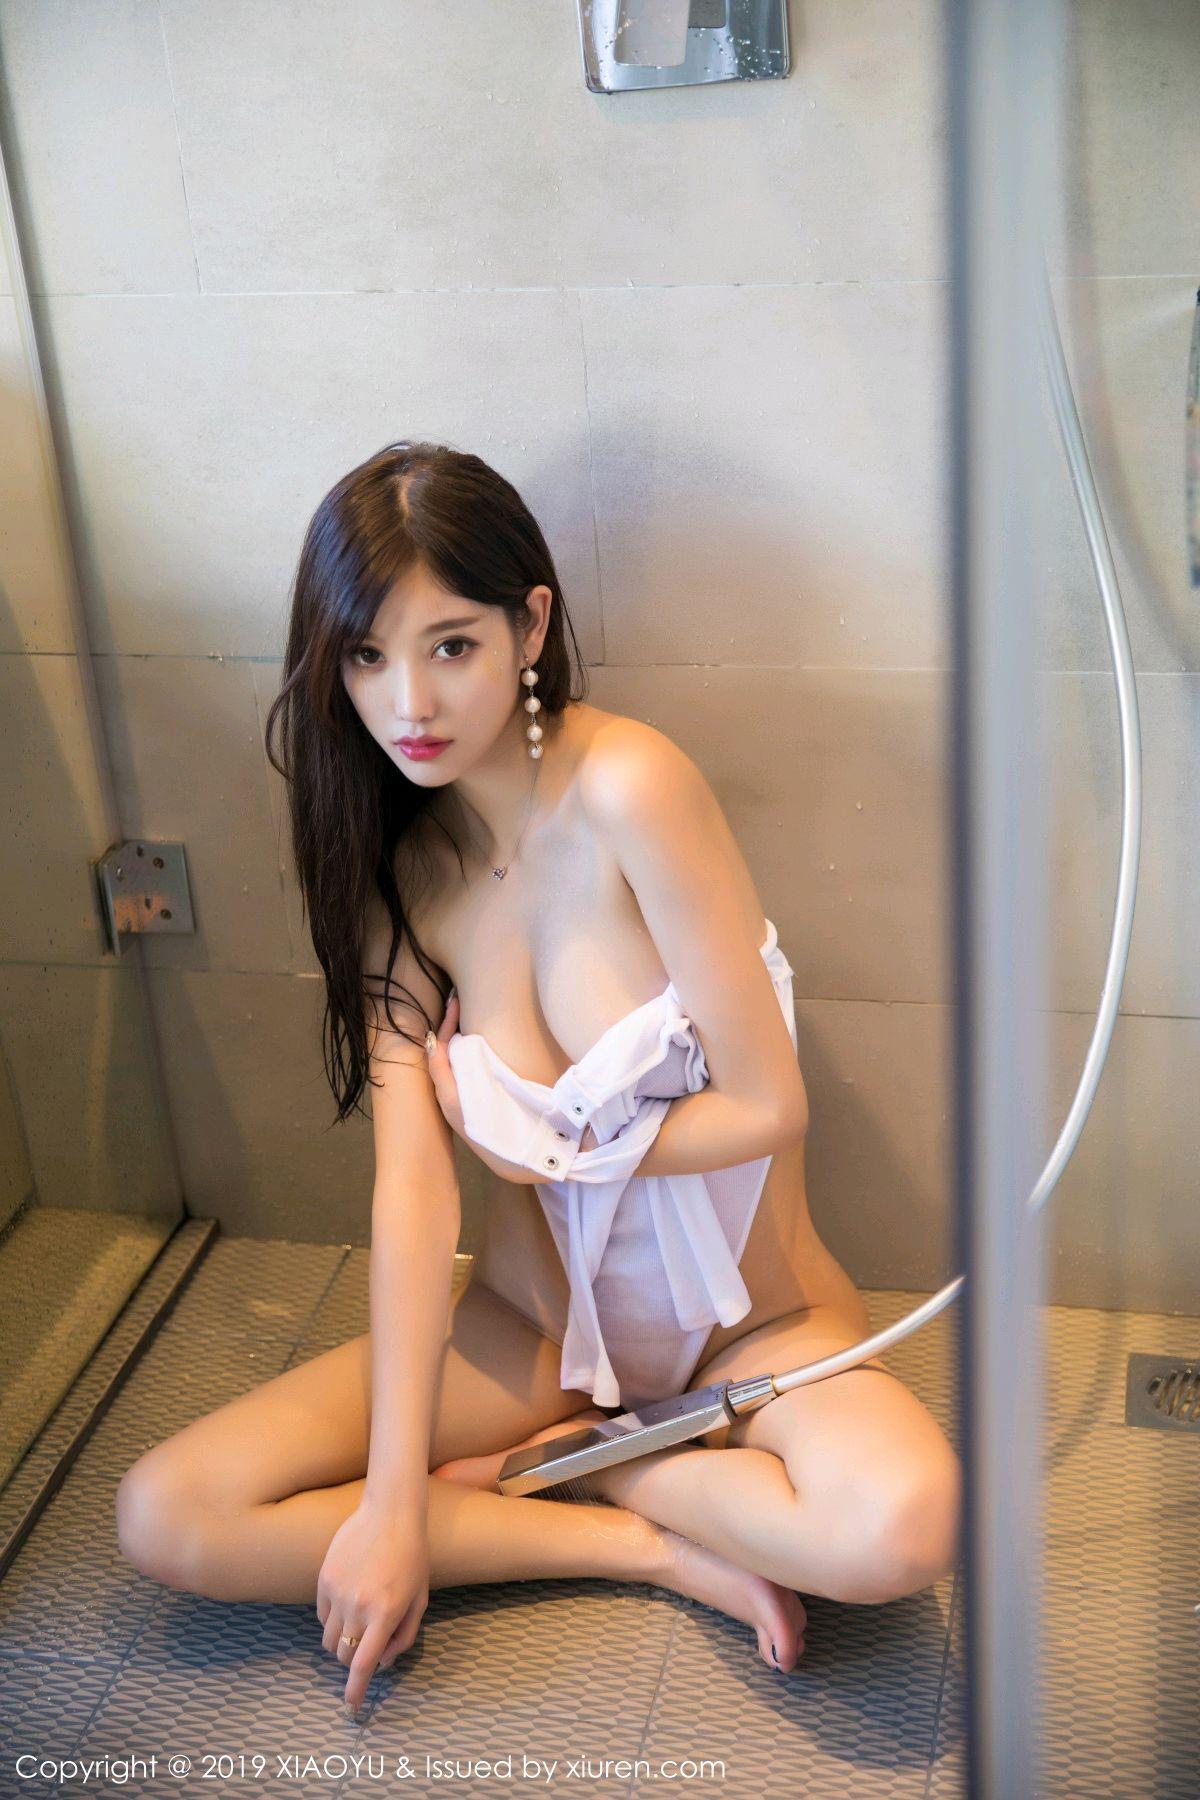 [XiaoYu] Vol.089 Yang Chen Chen 37P, Bathroom, Wet, XiaoYu, Yang Chen Chen